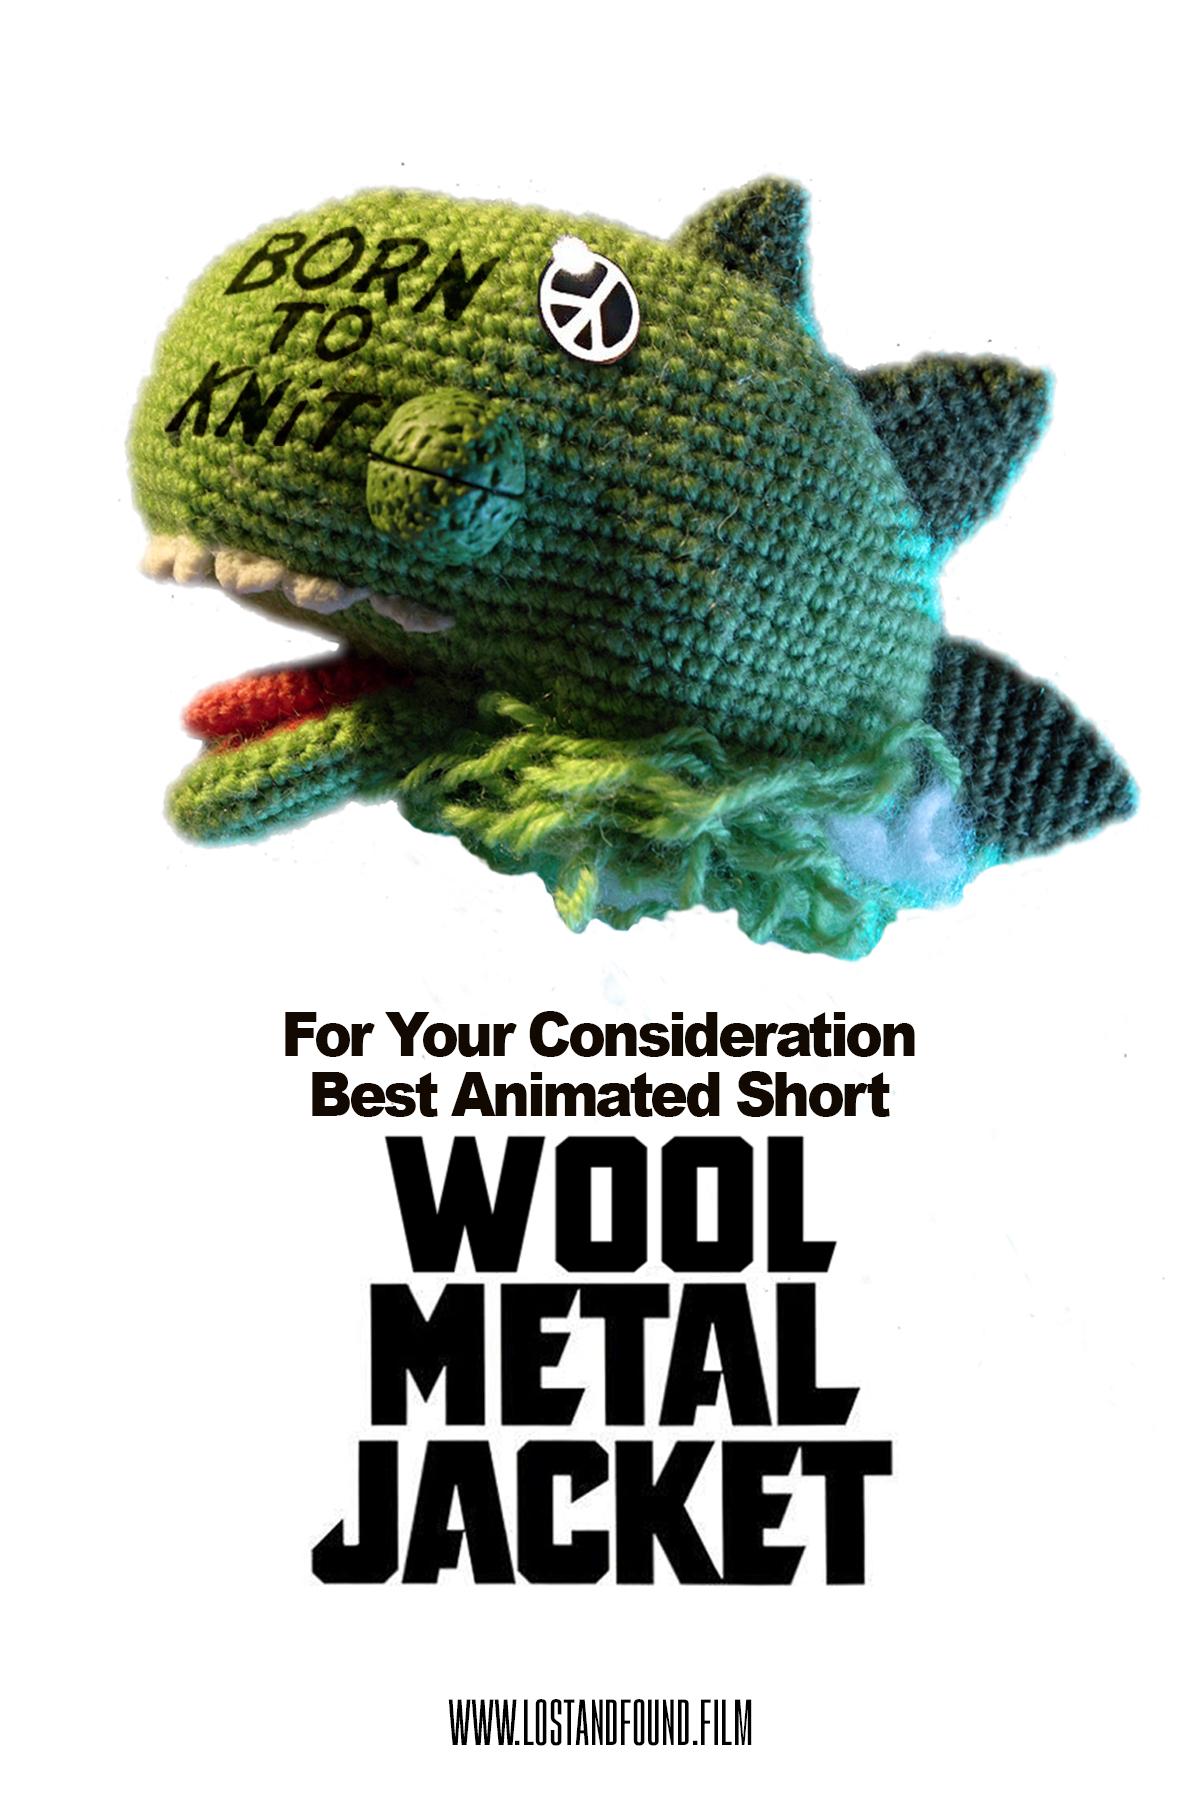 Wool Metal Jacket.jpg